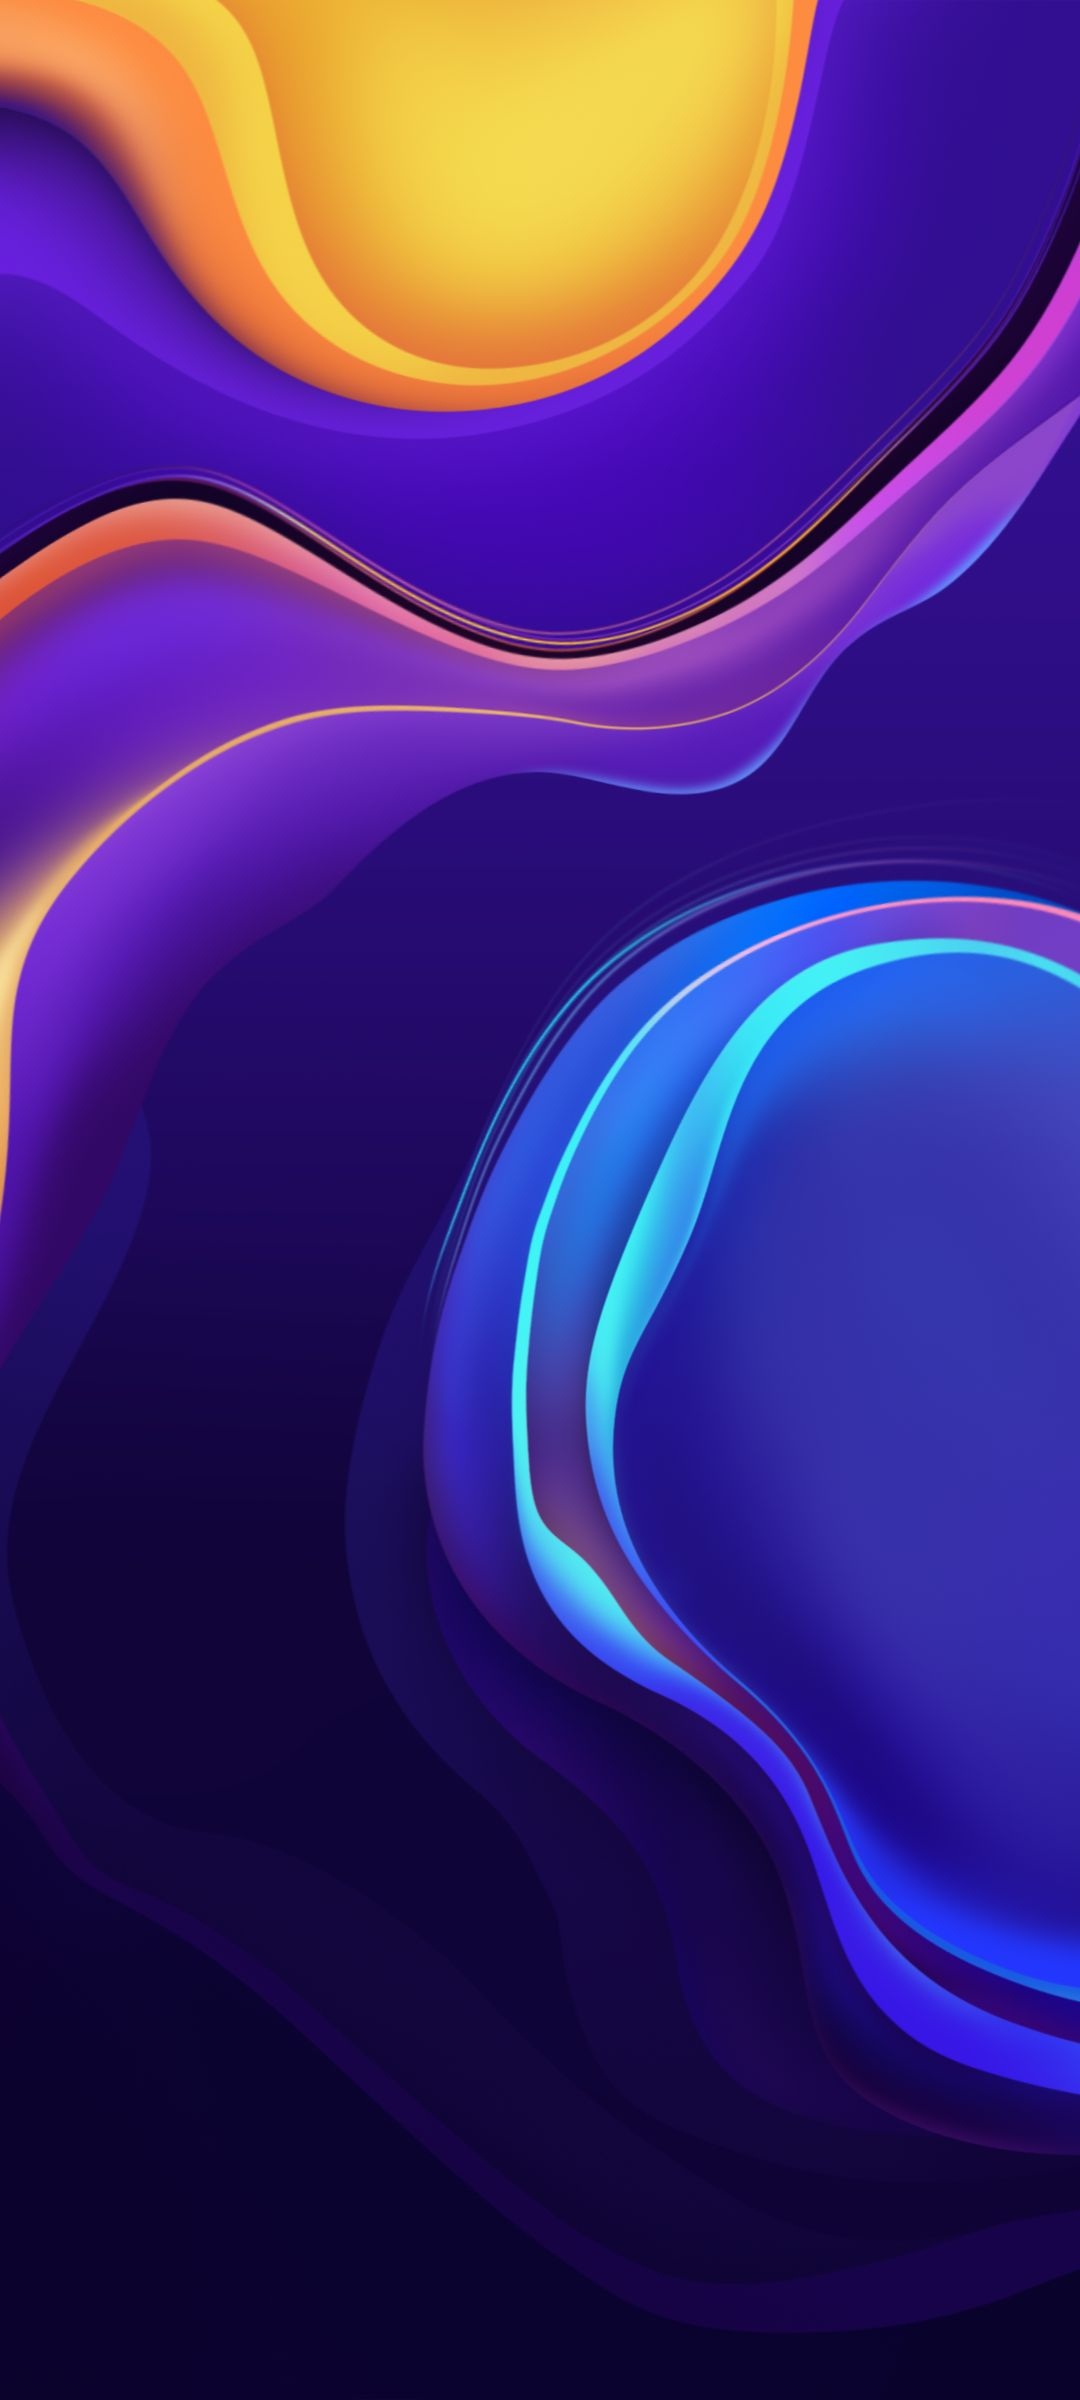 Vivo V20 Stock Wallpaper Wallpapers Central In 2021 Color Wallpaper Iphone Wallpaper Iphone Neon Stock Wallpaper Aesthetic beautiful vivo wallpaper